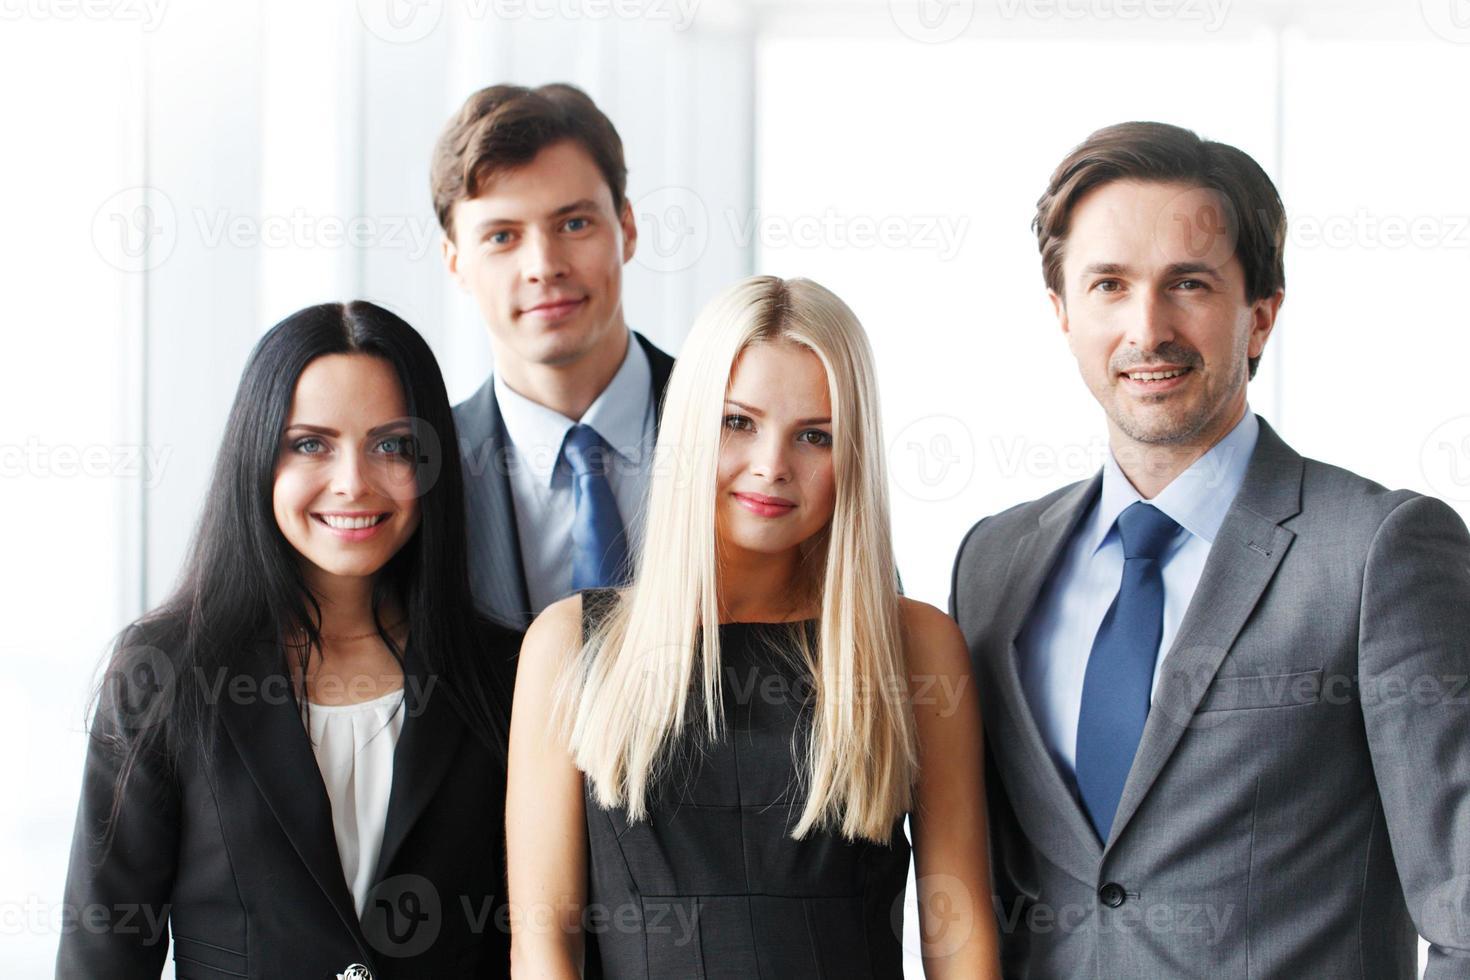 ritratto di squadra di affari foto